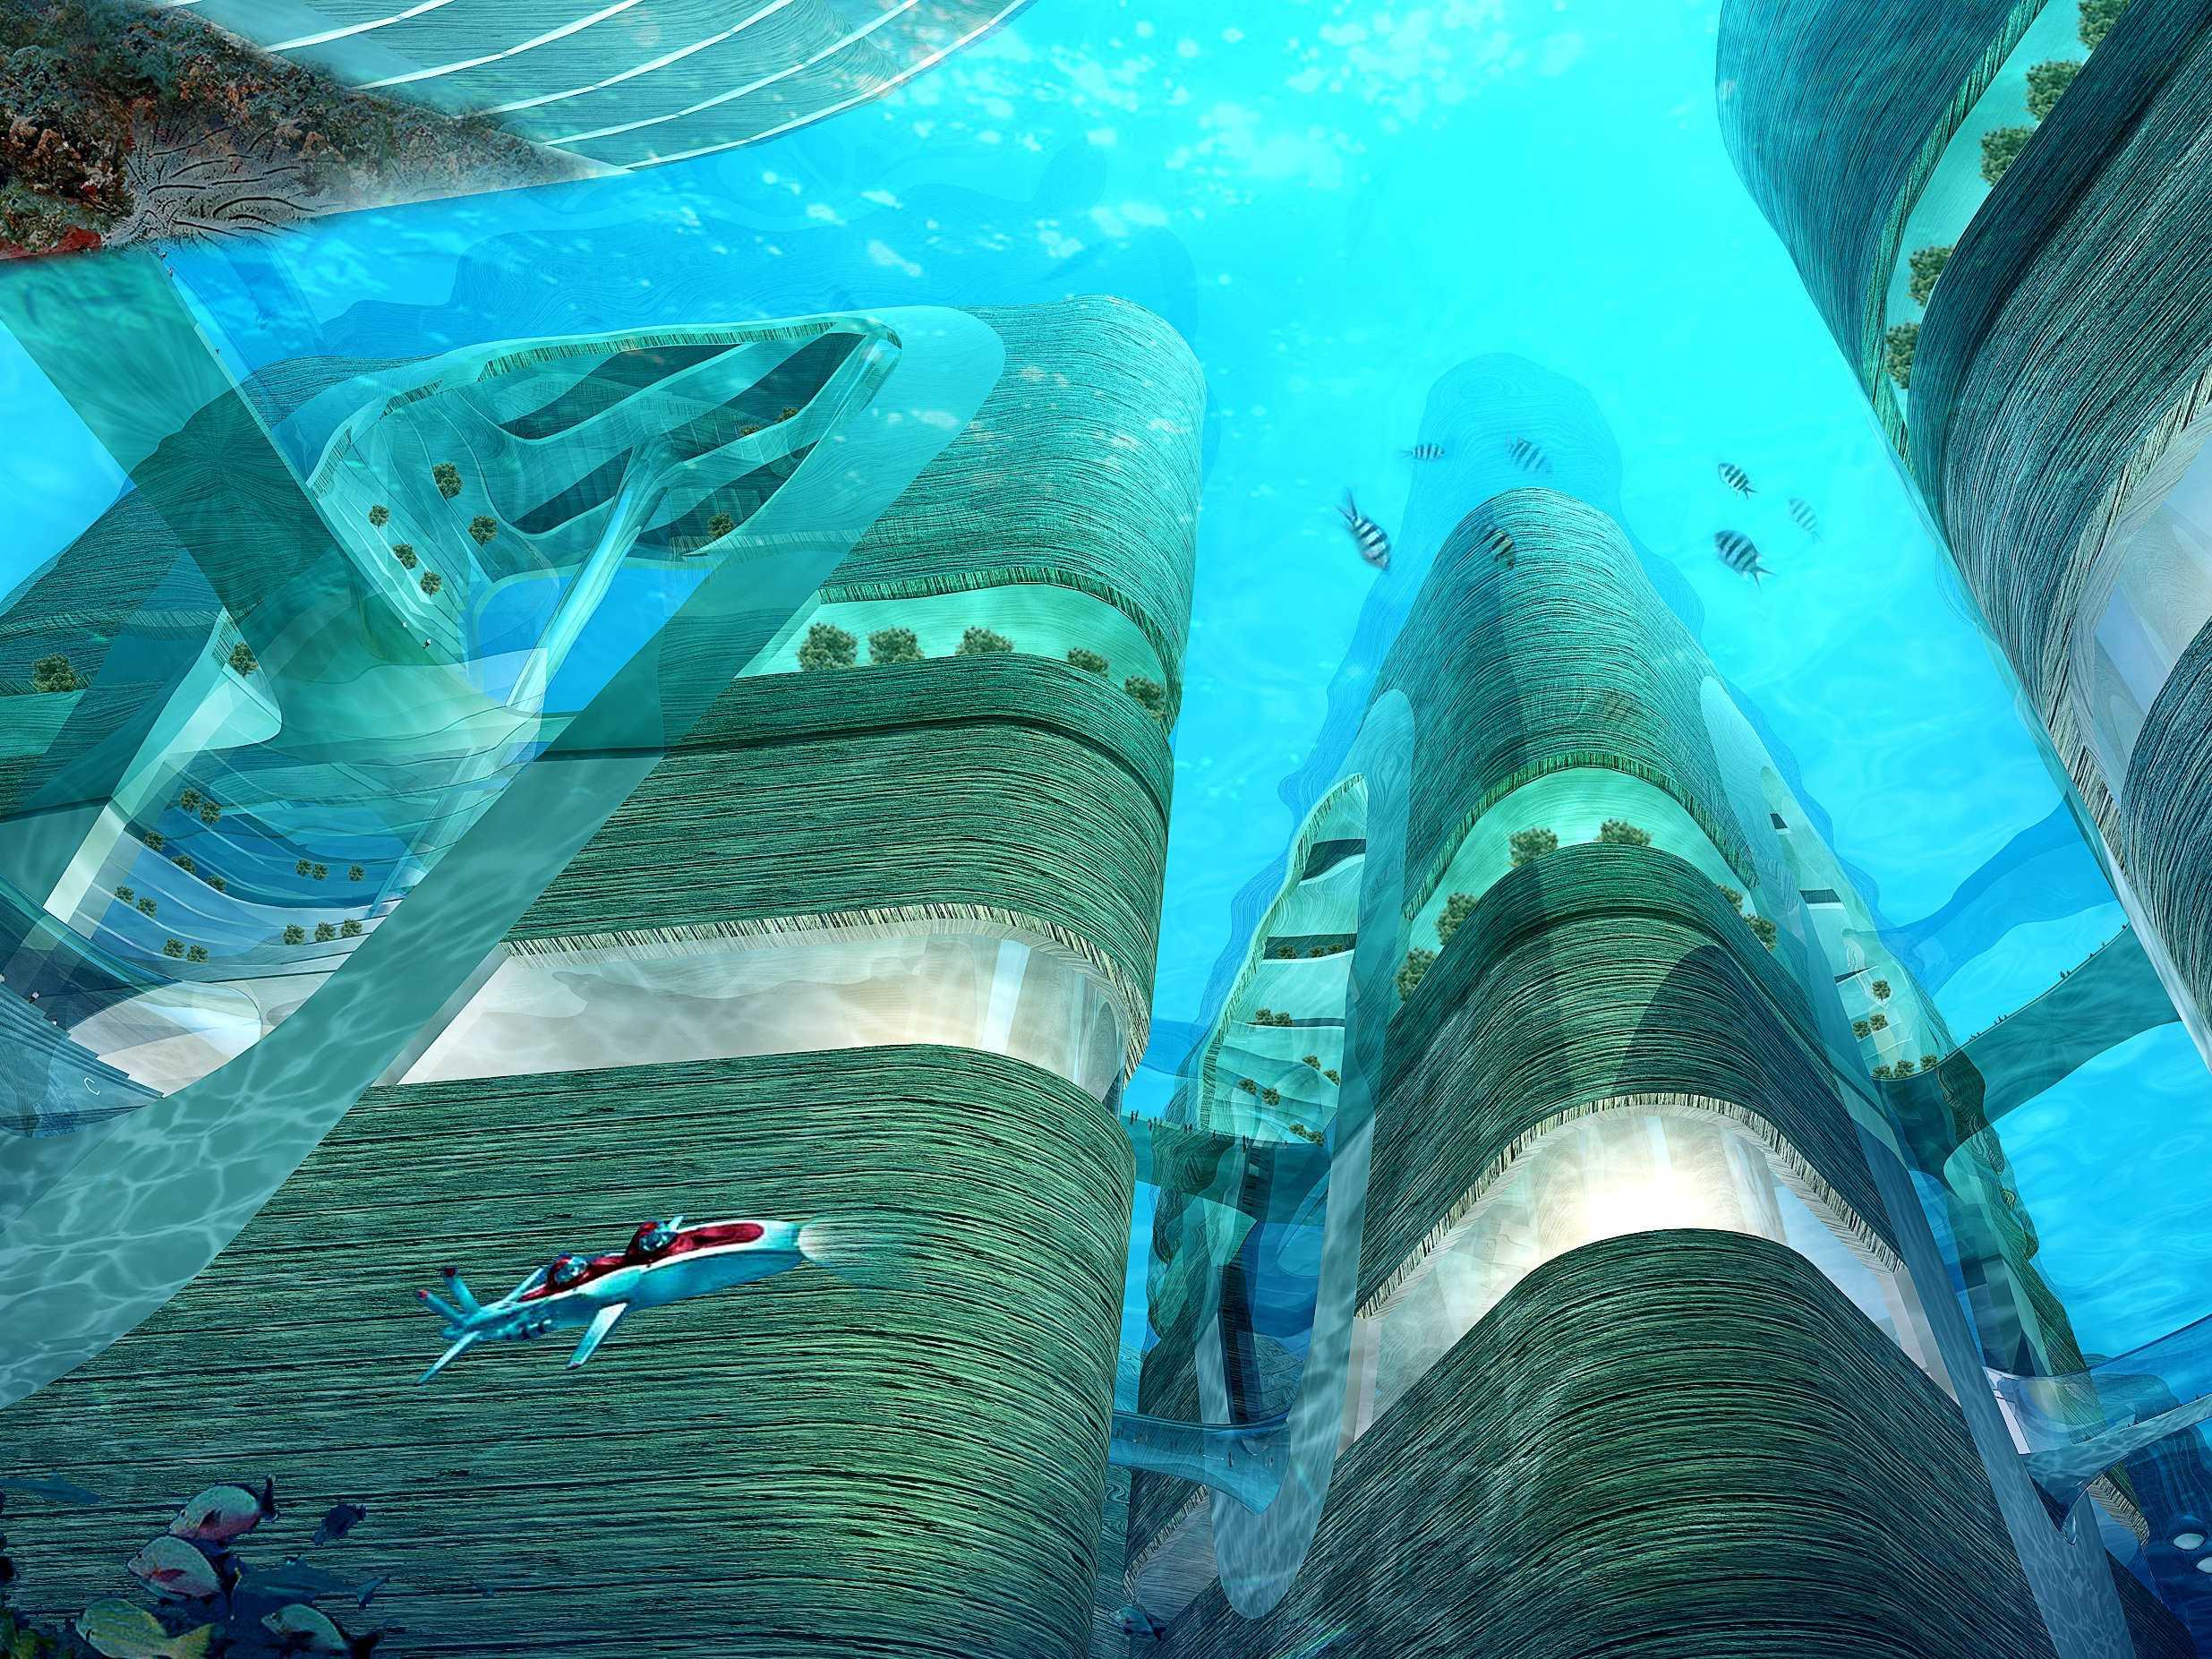 Le sous-marin pour tous au service d'une politique de peuplement | 13/03/2067